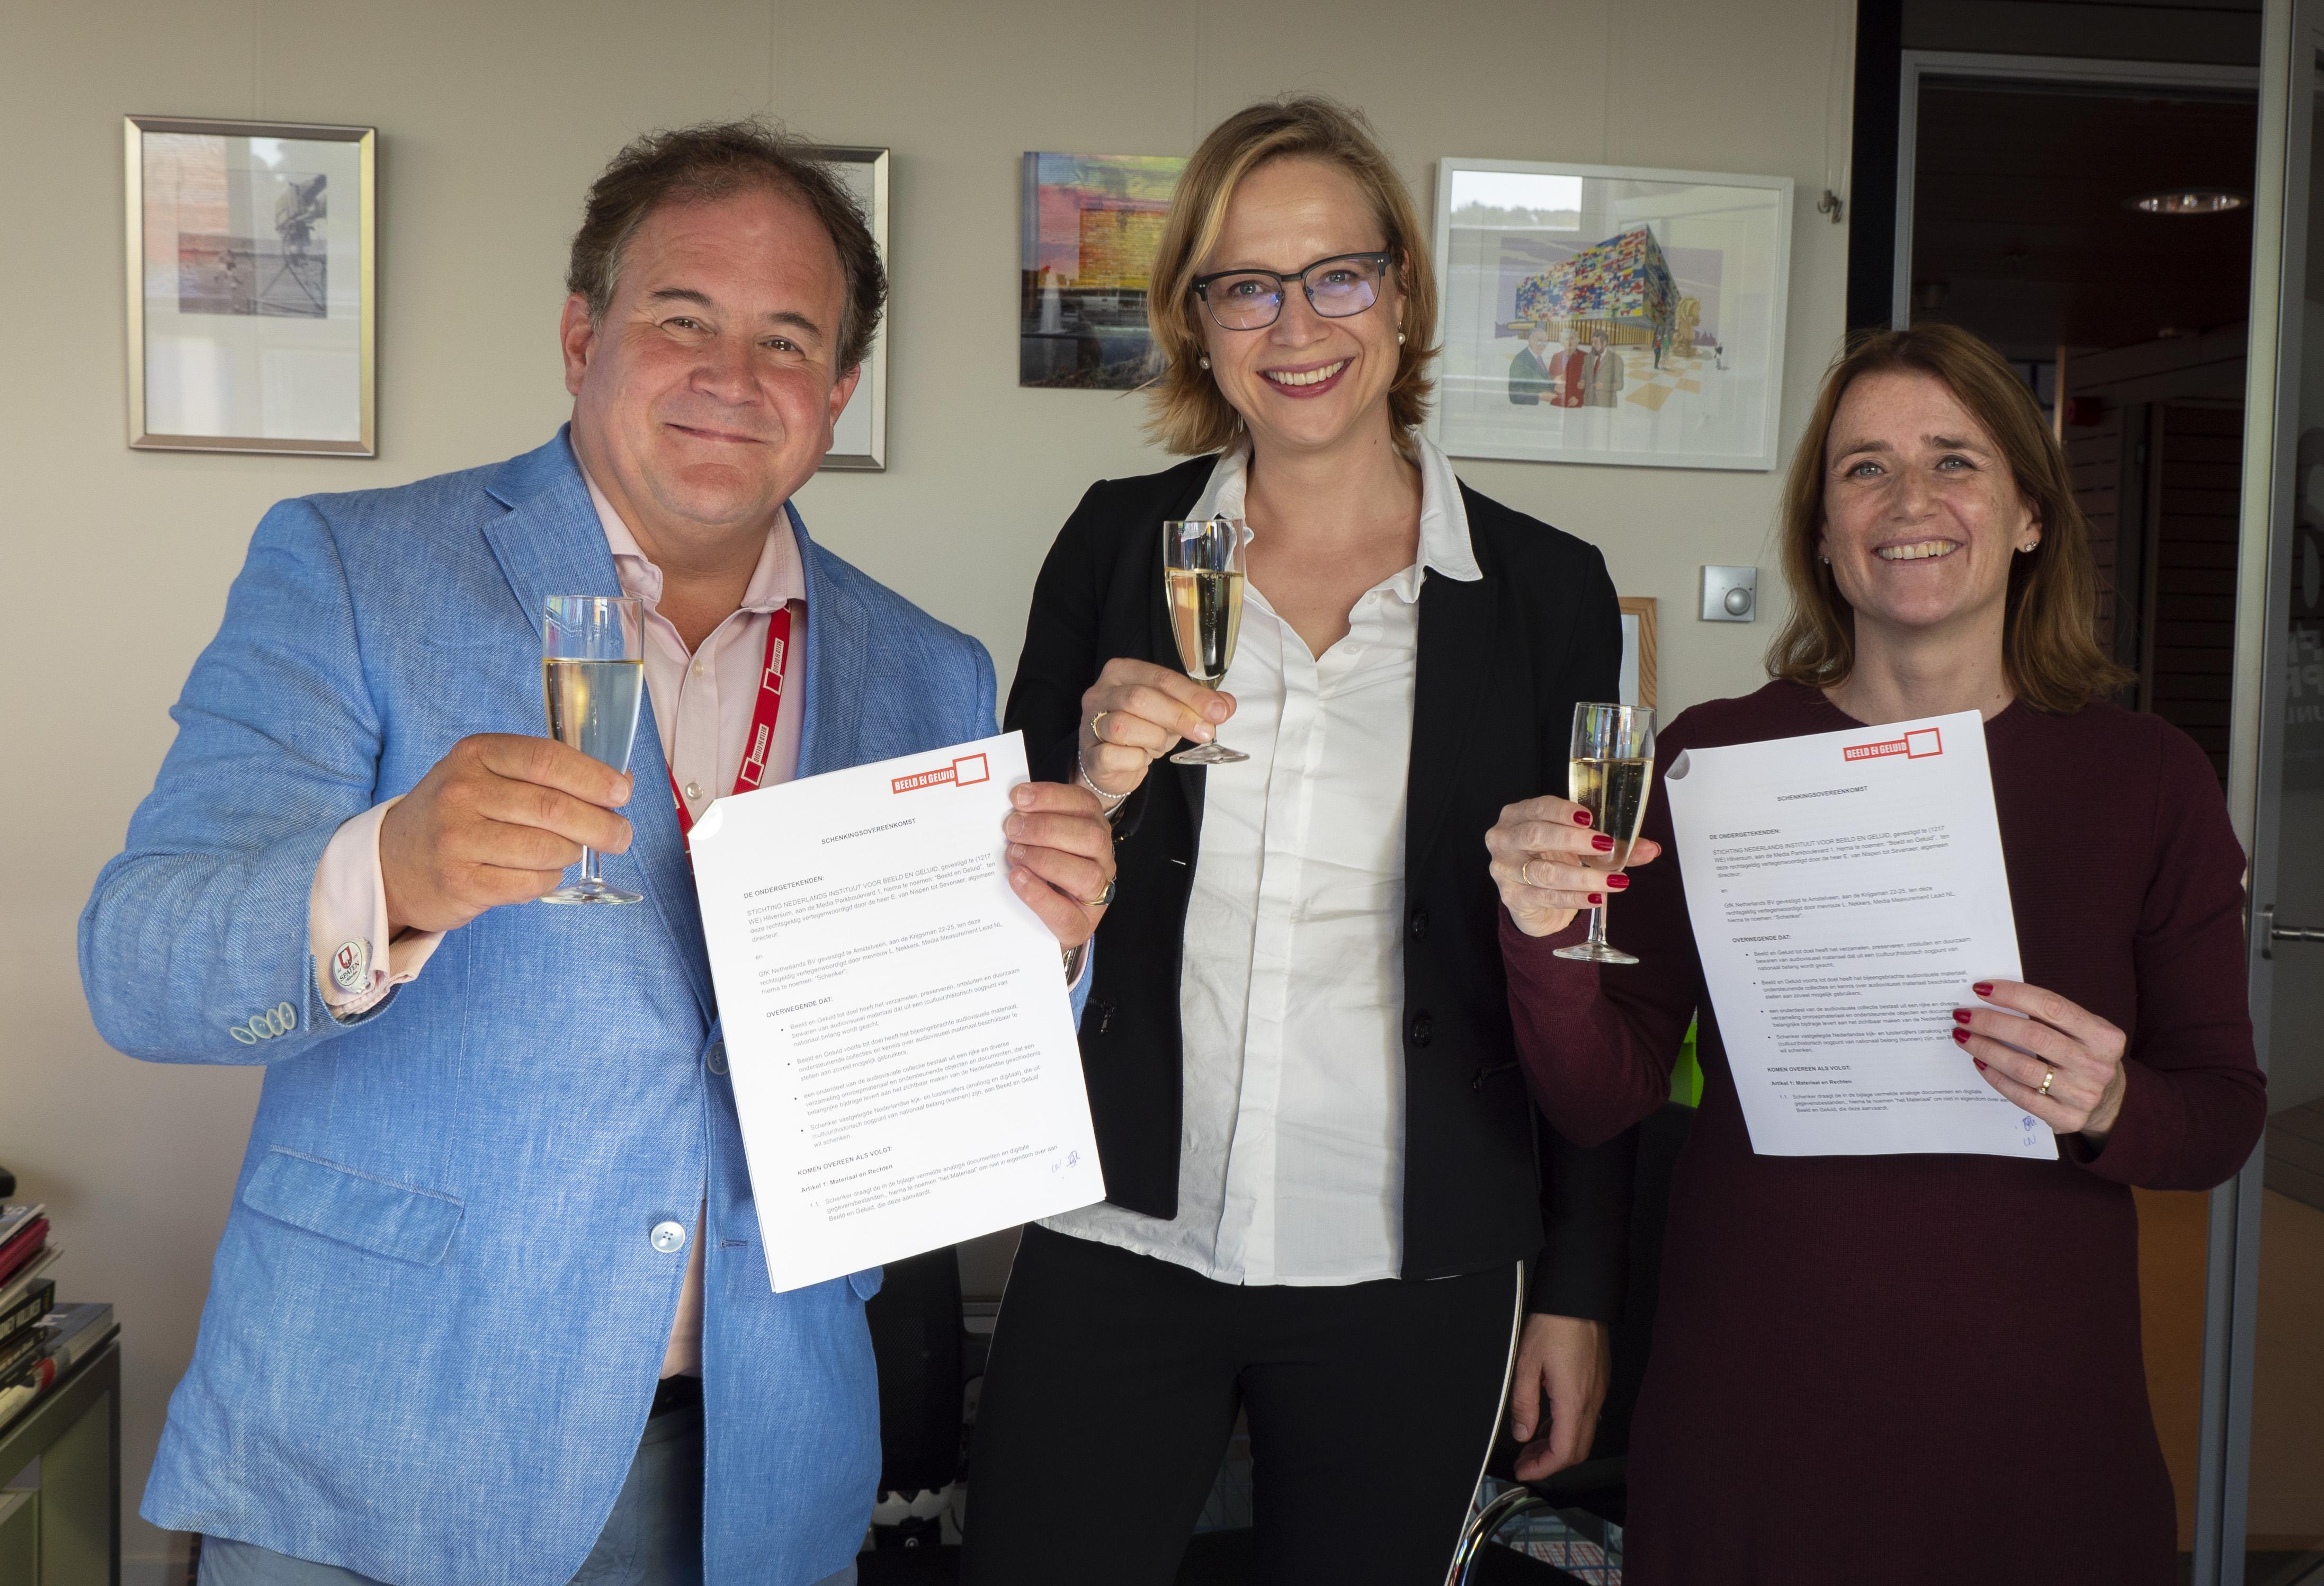 Van links naar rechts Eppo van Nispen tot Sevenaer (Beeld en Geluid), Julia Noordegraaf (UvA) en Liesbeth Nekkers (GfK).jpg